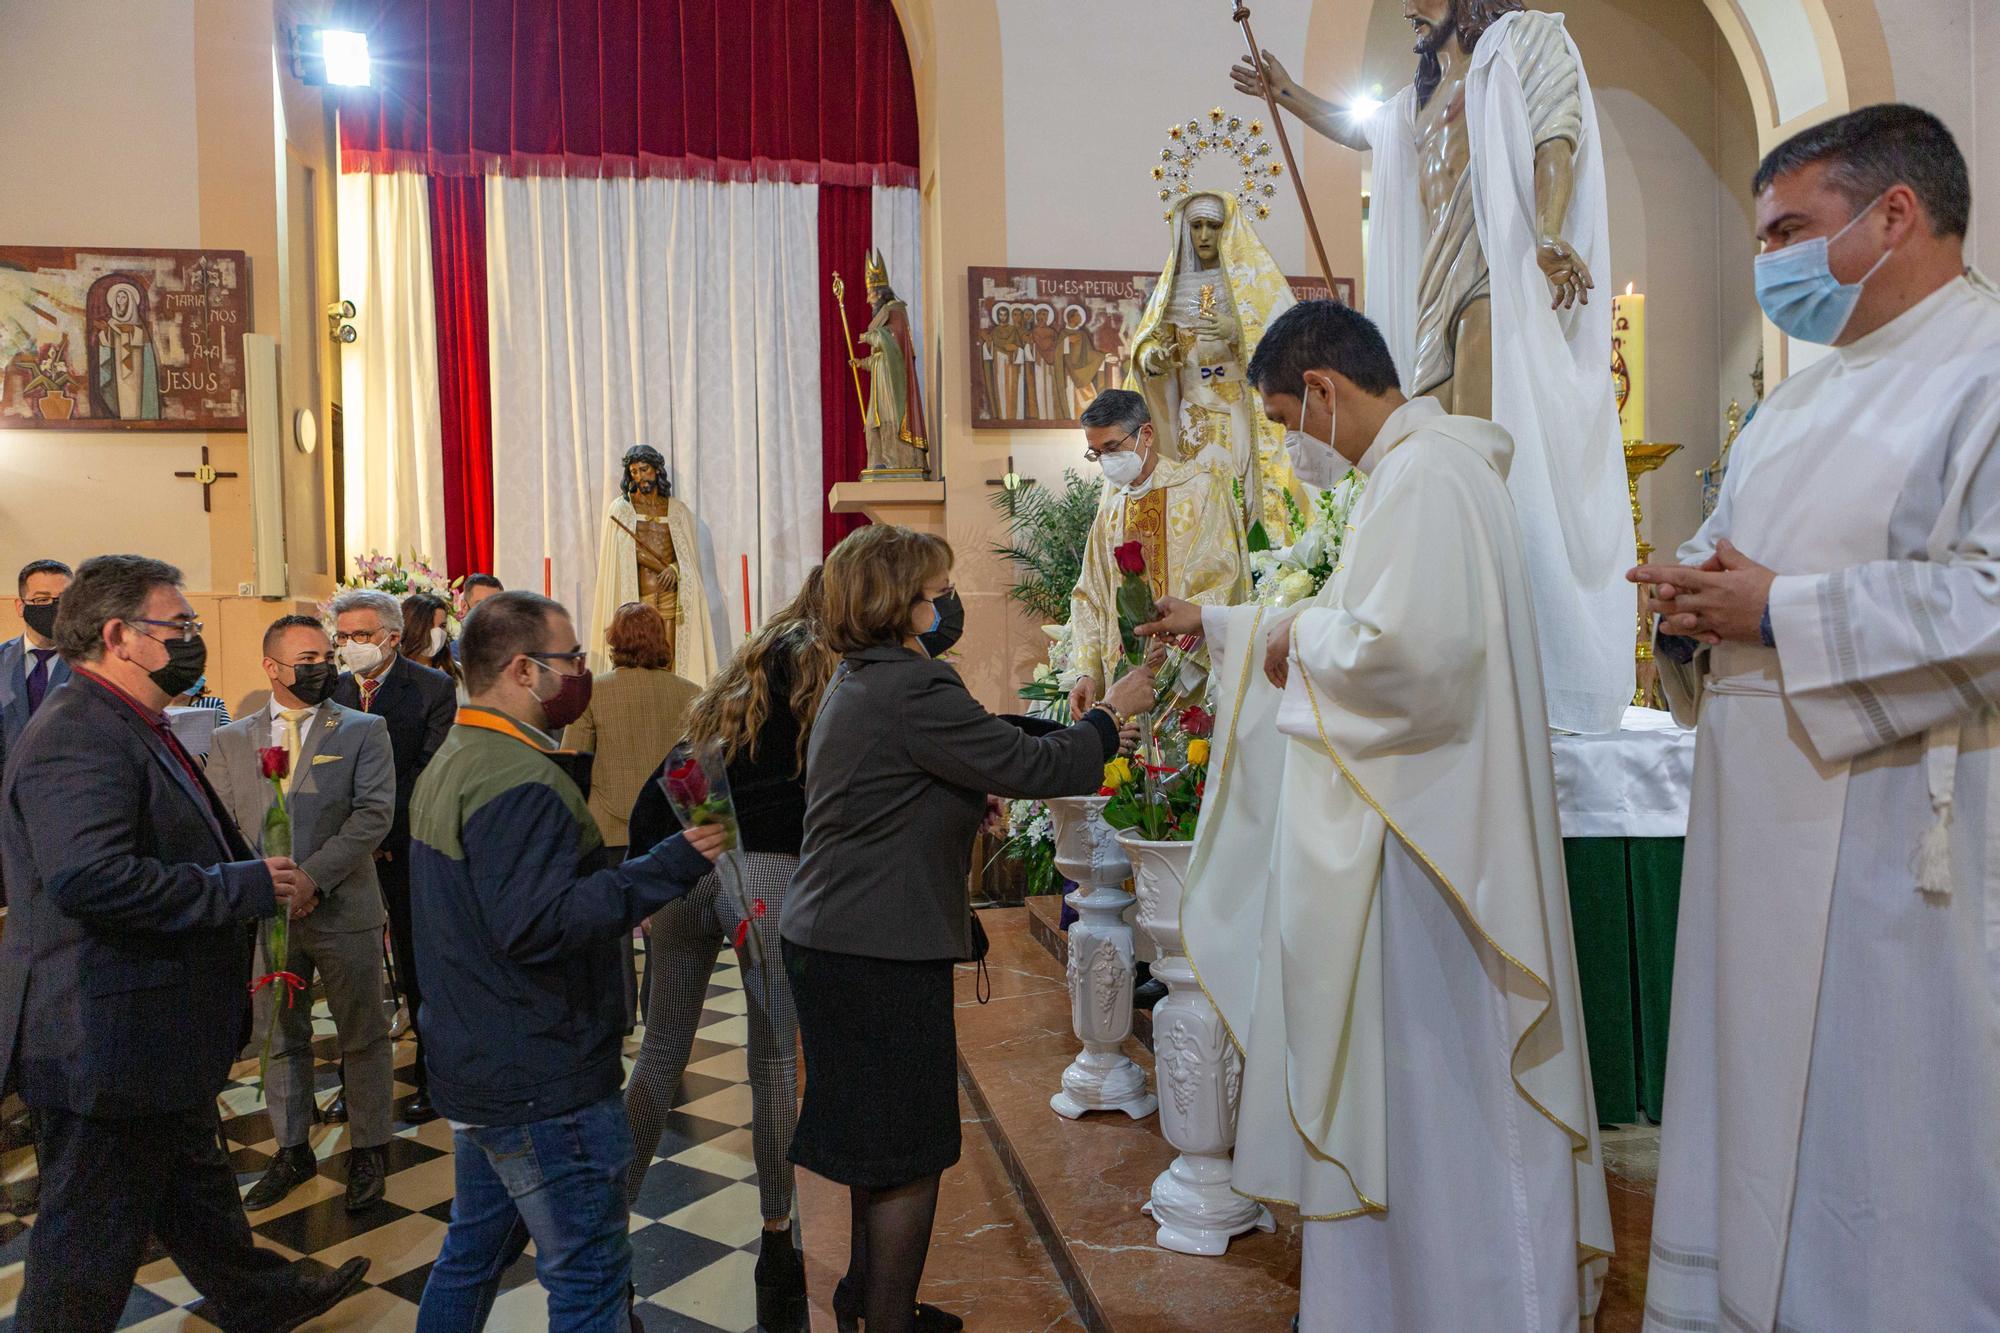 Domingo de Resurrecion en Los Angeles_61.jpg